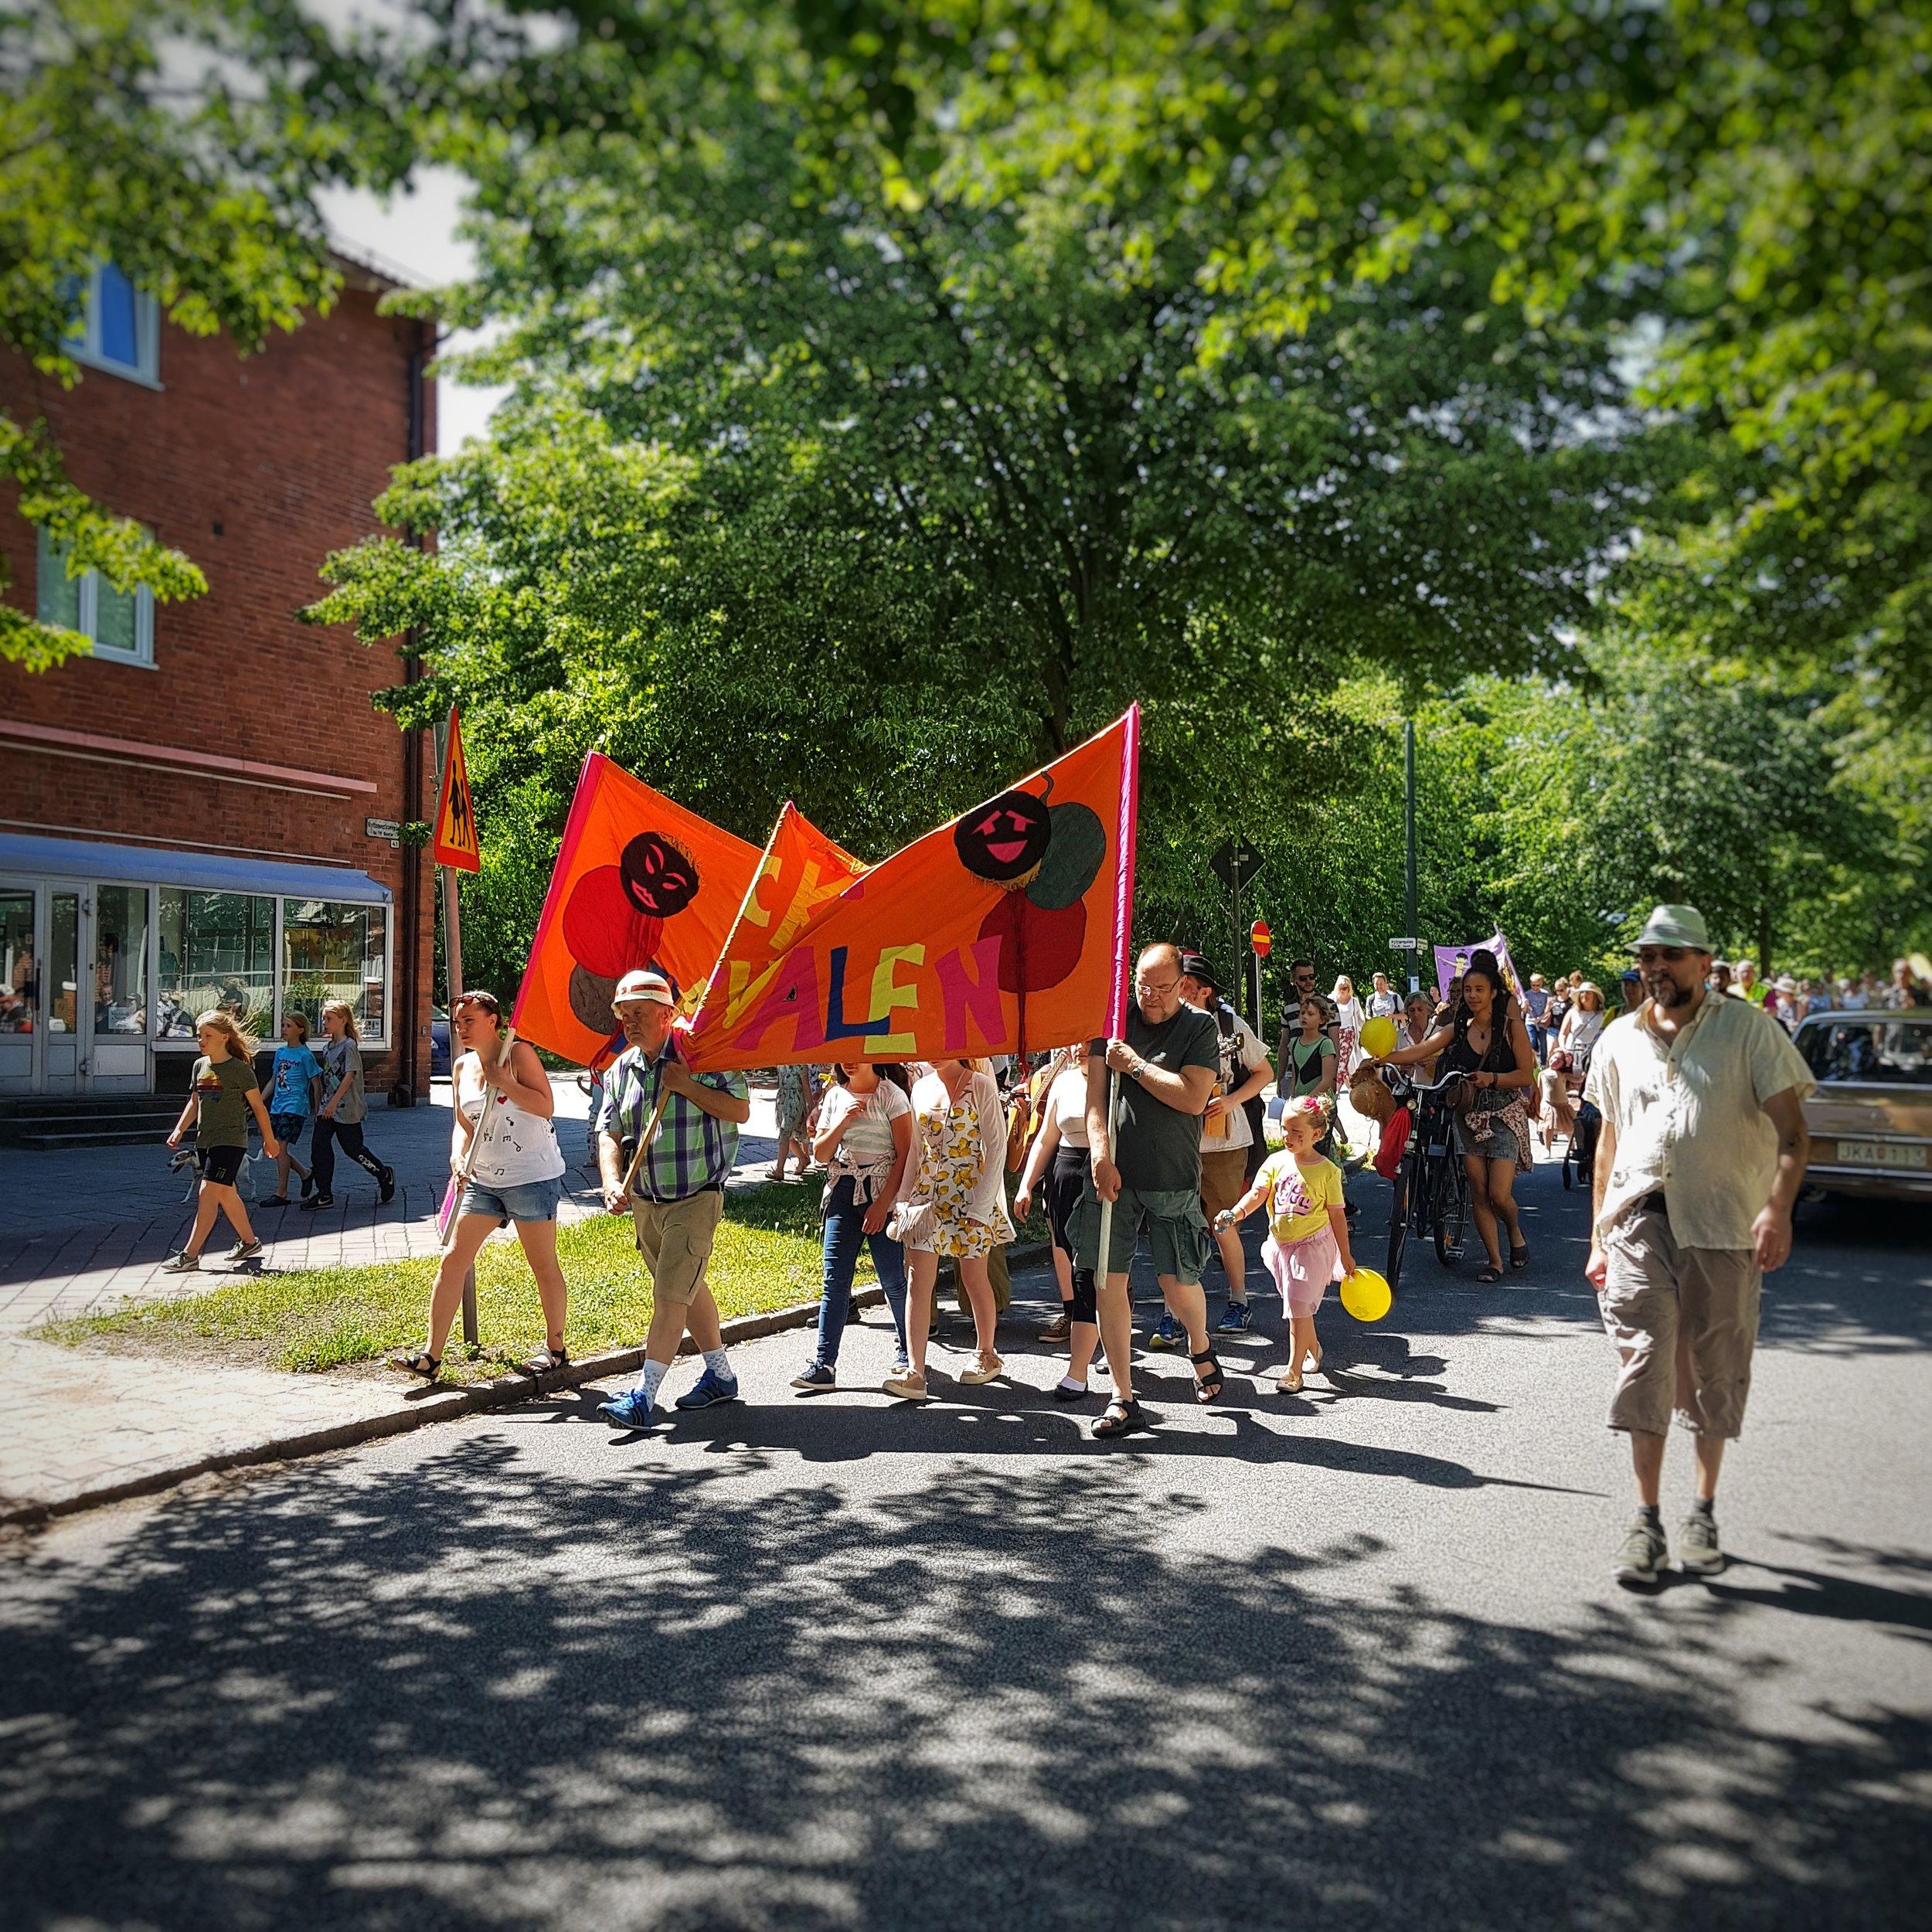 Day 157 - June 6: Carnival in Kirseberg